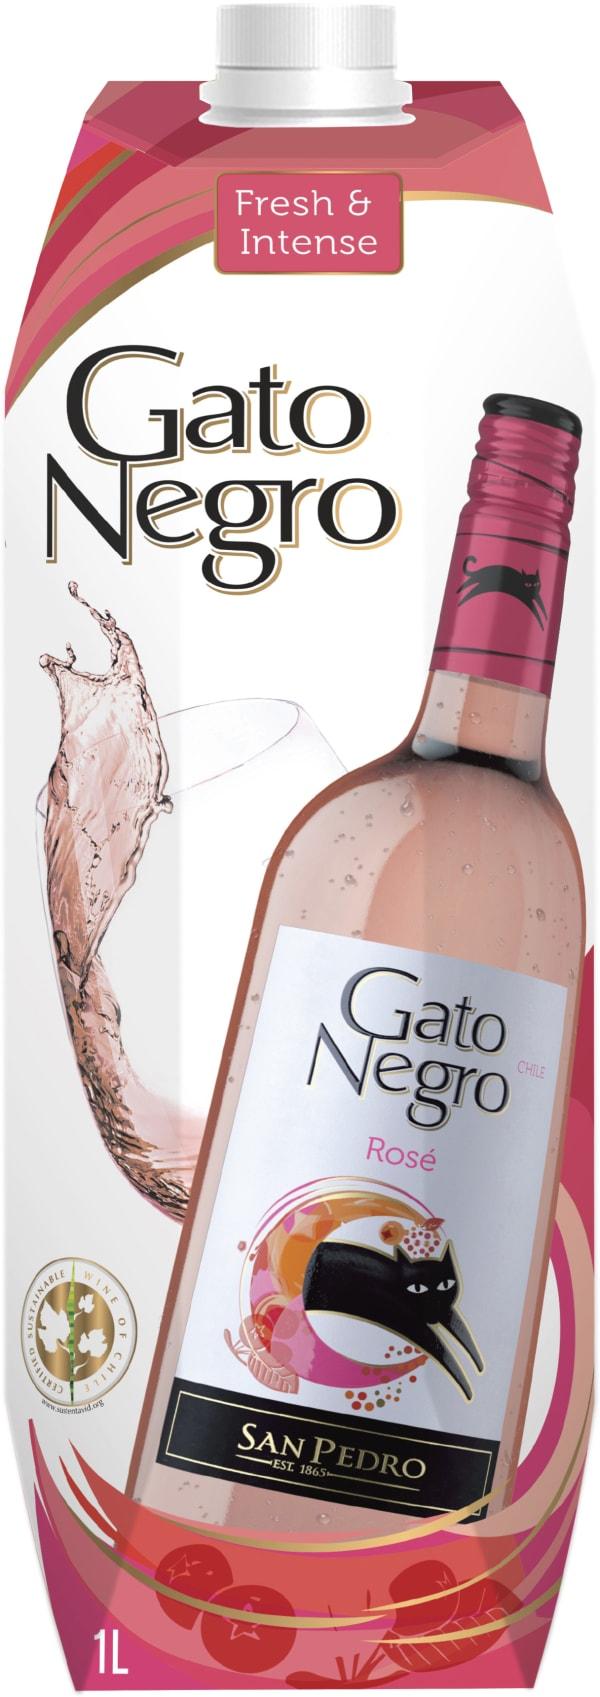 Gato Negro Rosé 2019 carton package